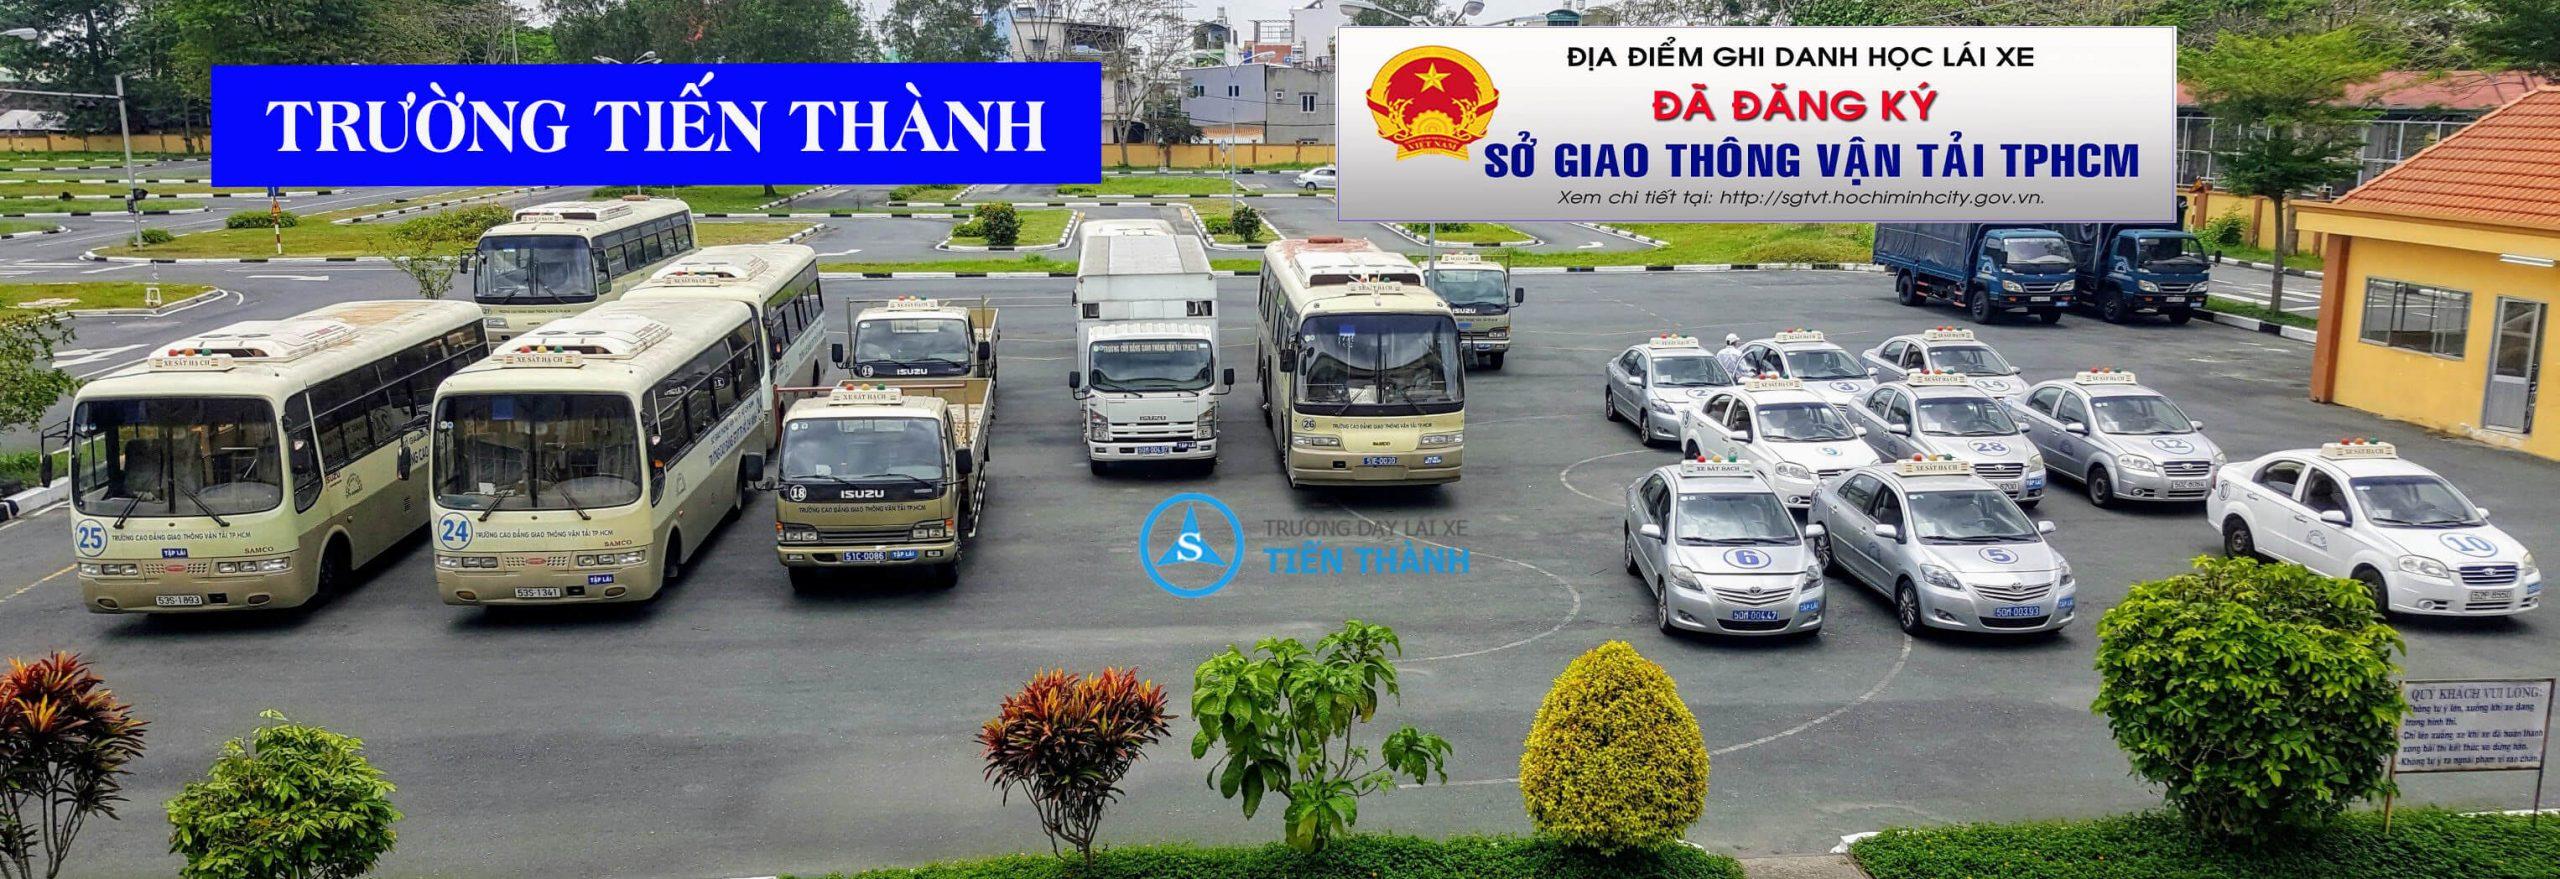 Trường dạy lái xe Tiến Thành là trường trực thuộc Sở GVTV